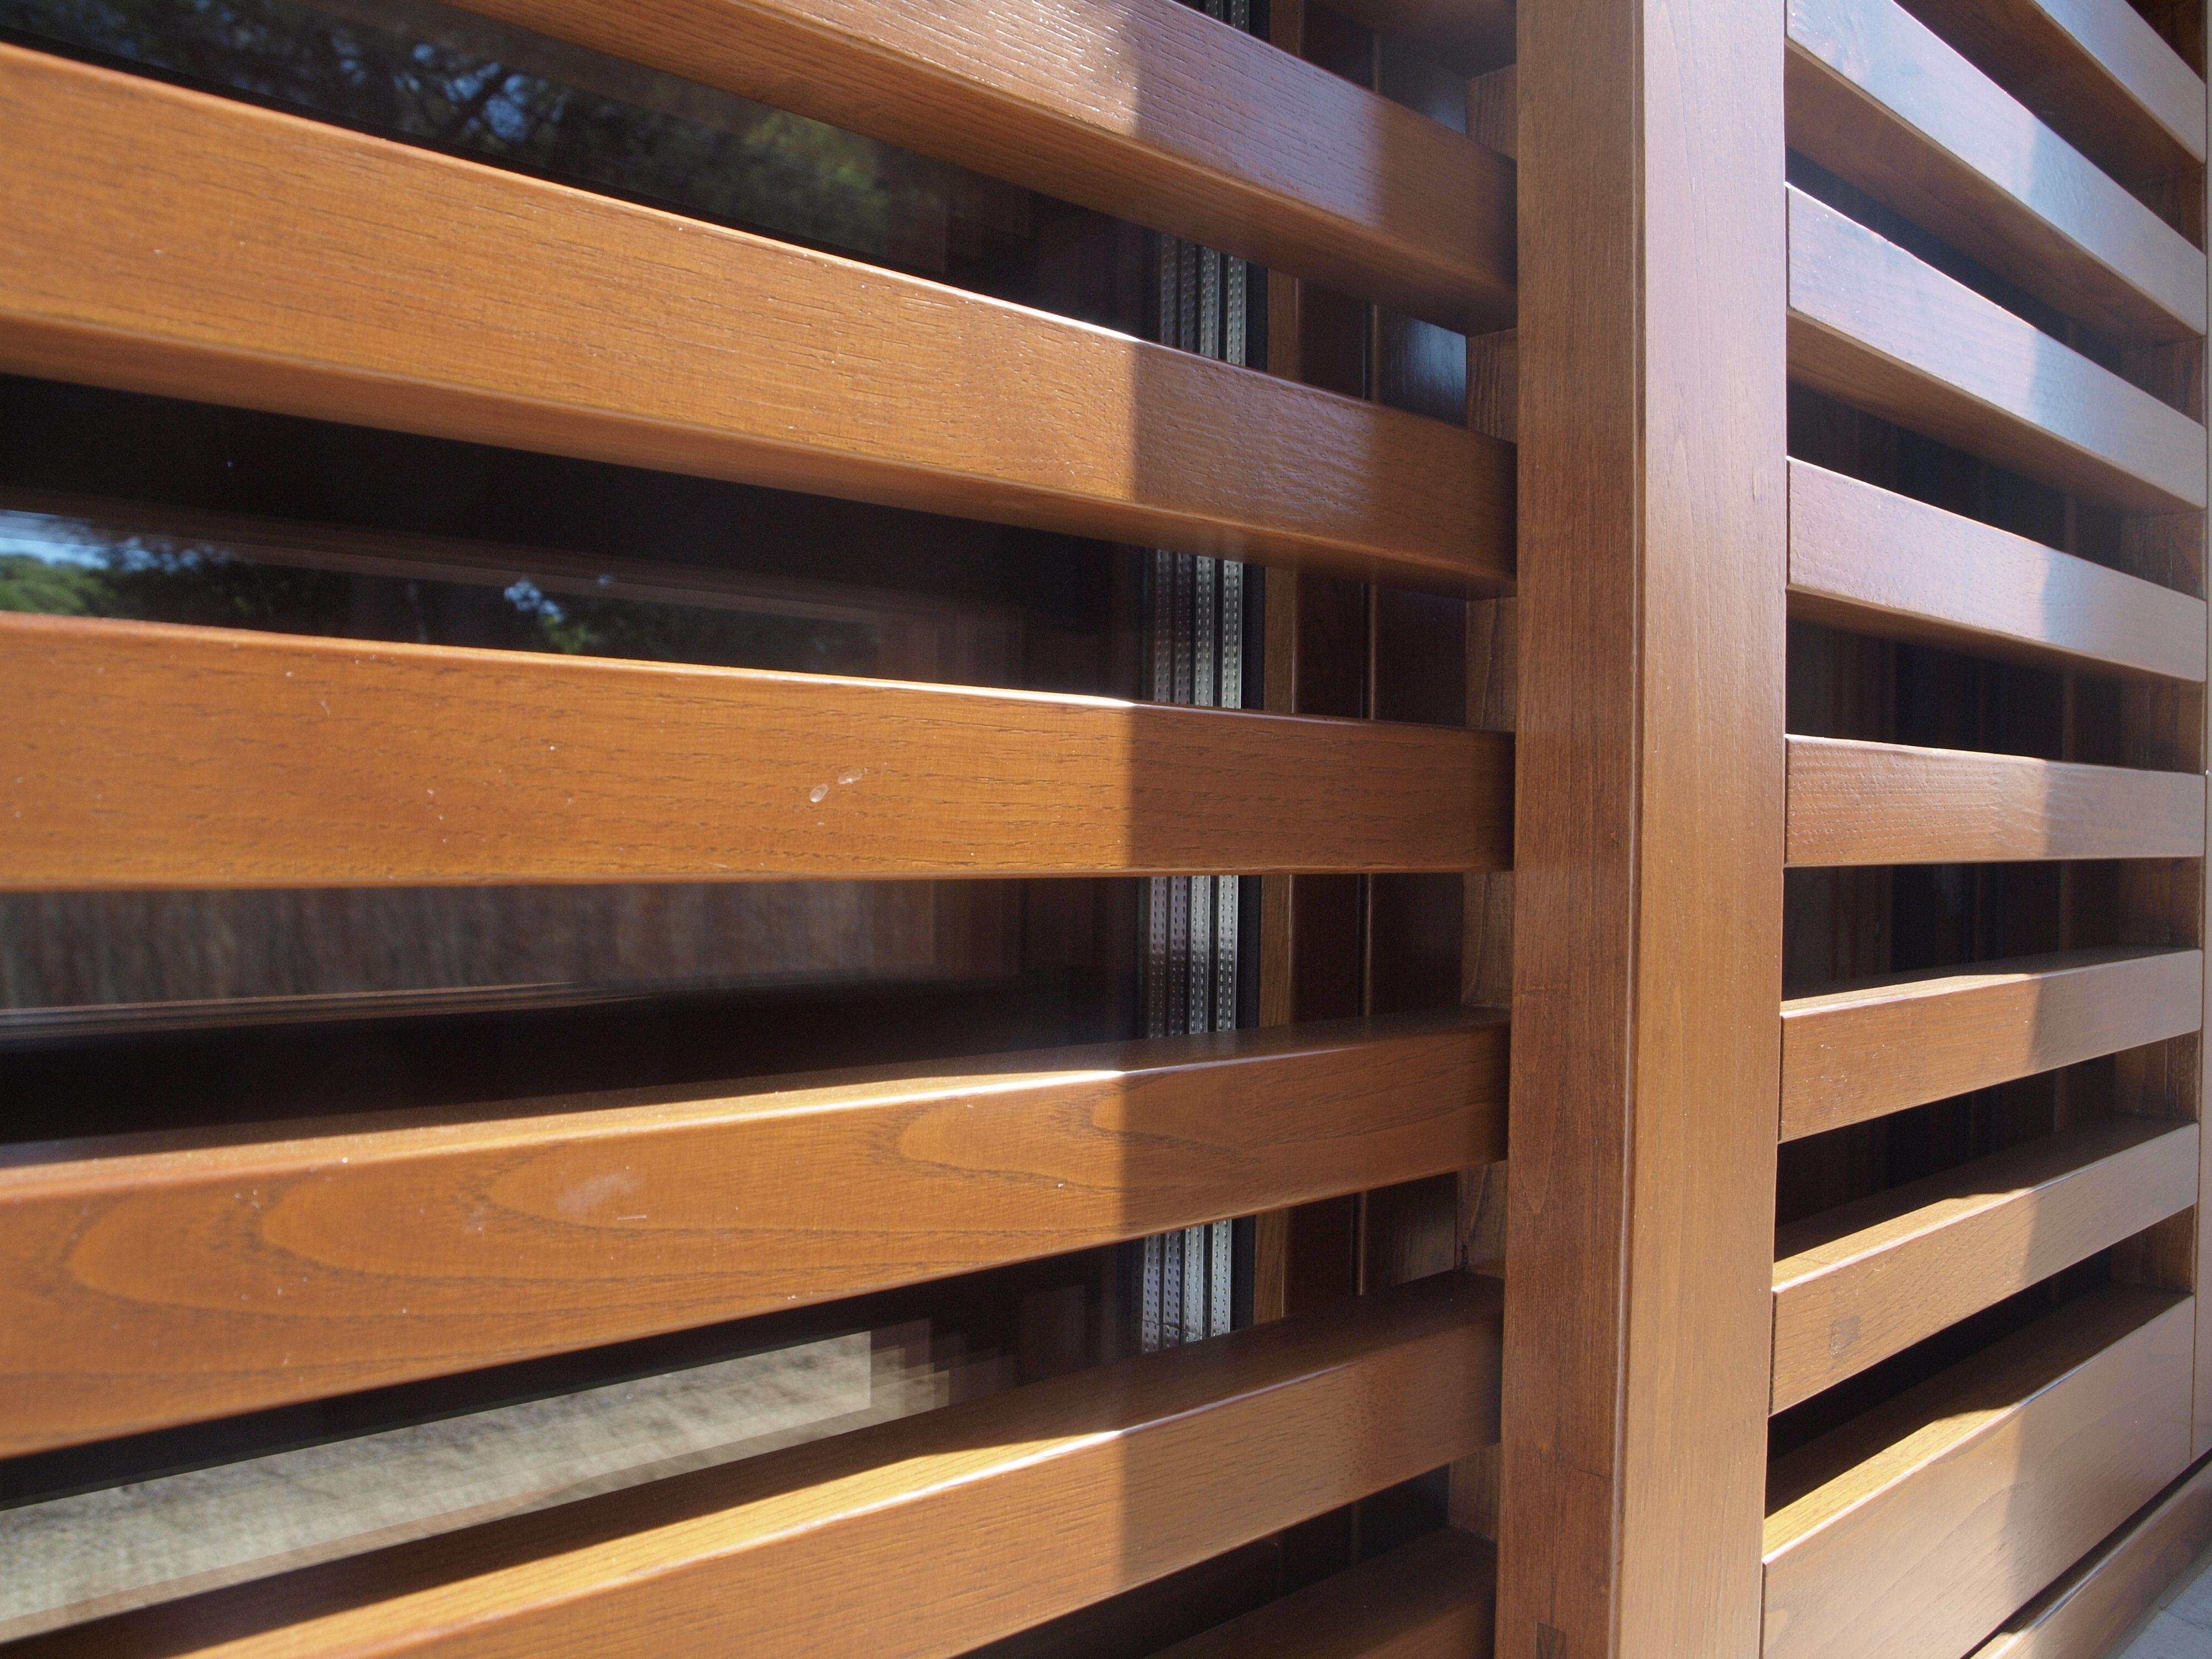 Detalle port n de madera iscletec portones de madera for Portones de madera modernos